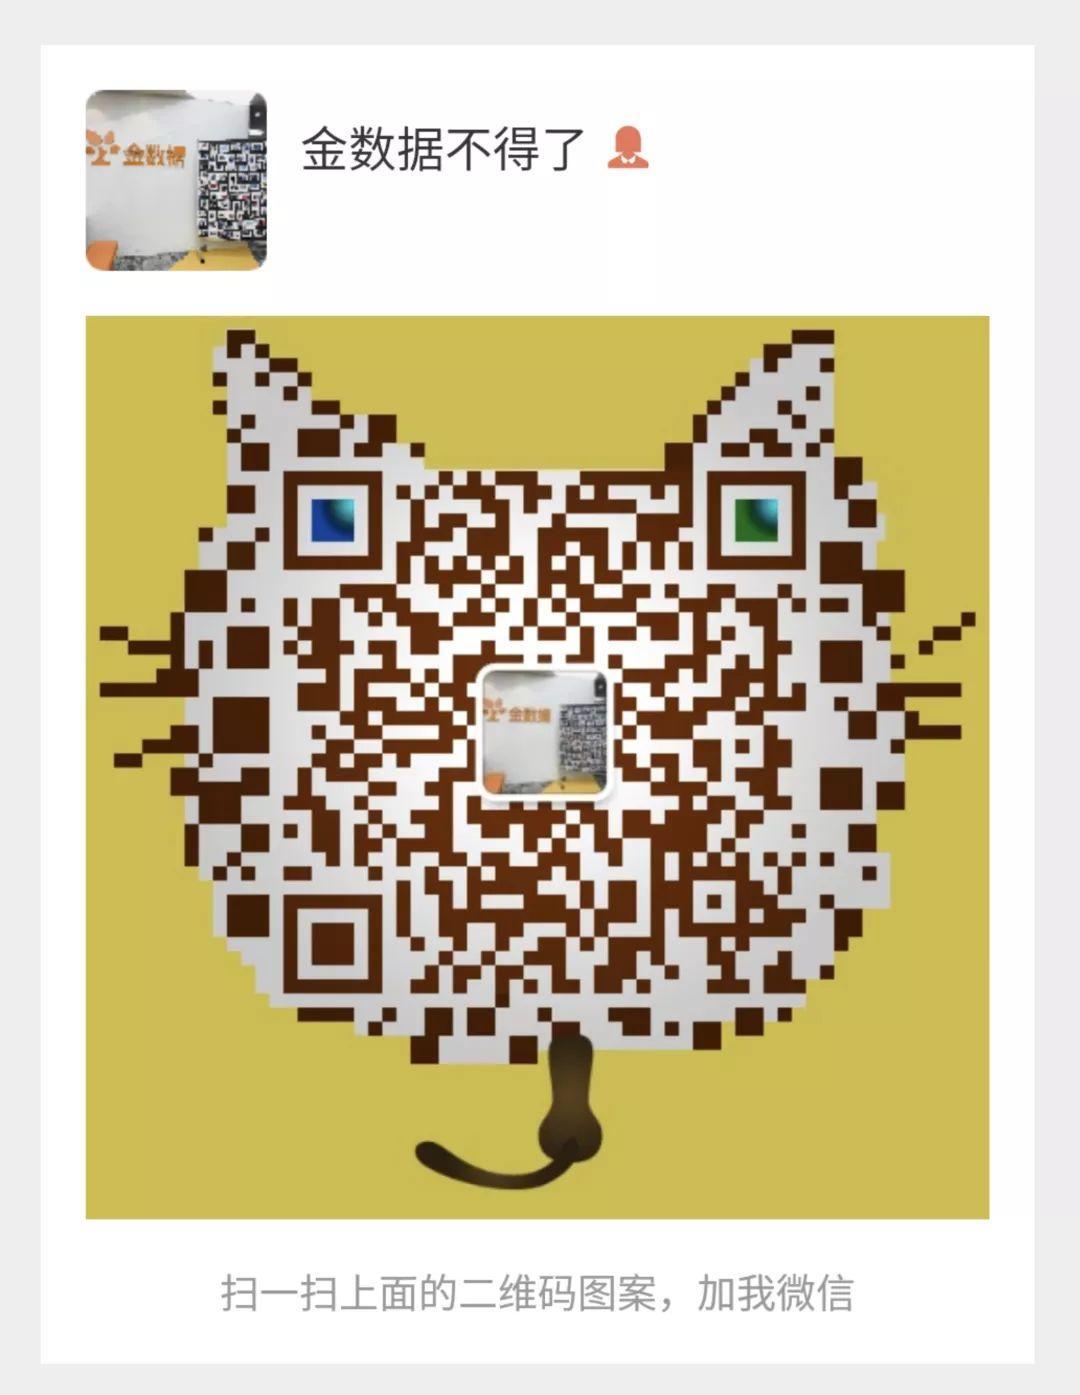 金数据数字化医院案例受邀参加【2019CHIMA中国医院协会信息网络大会】路演!